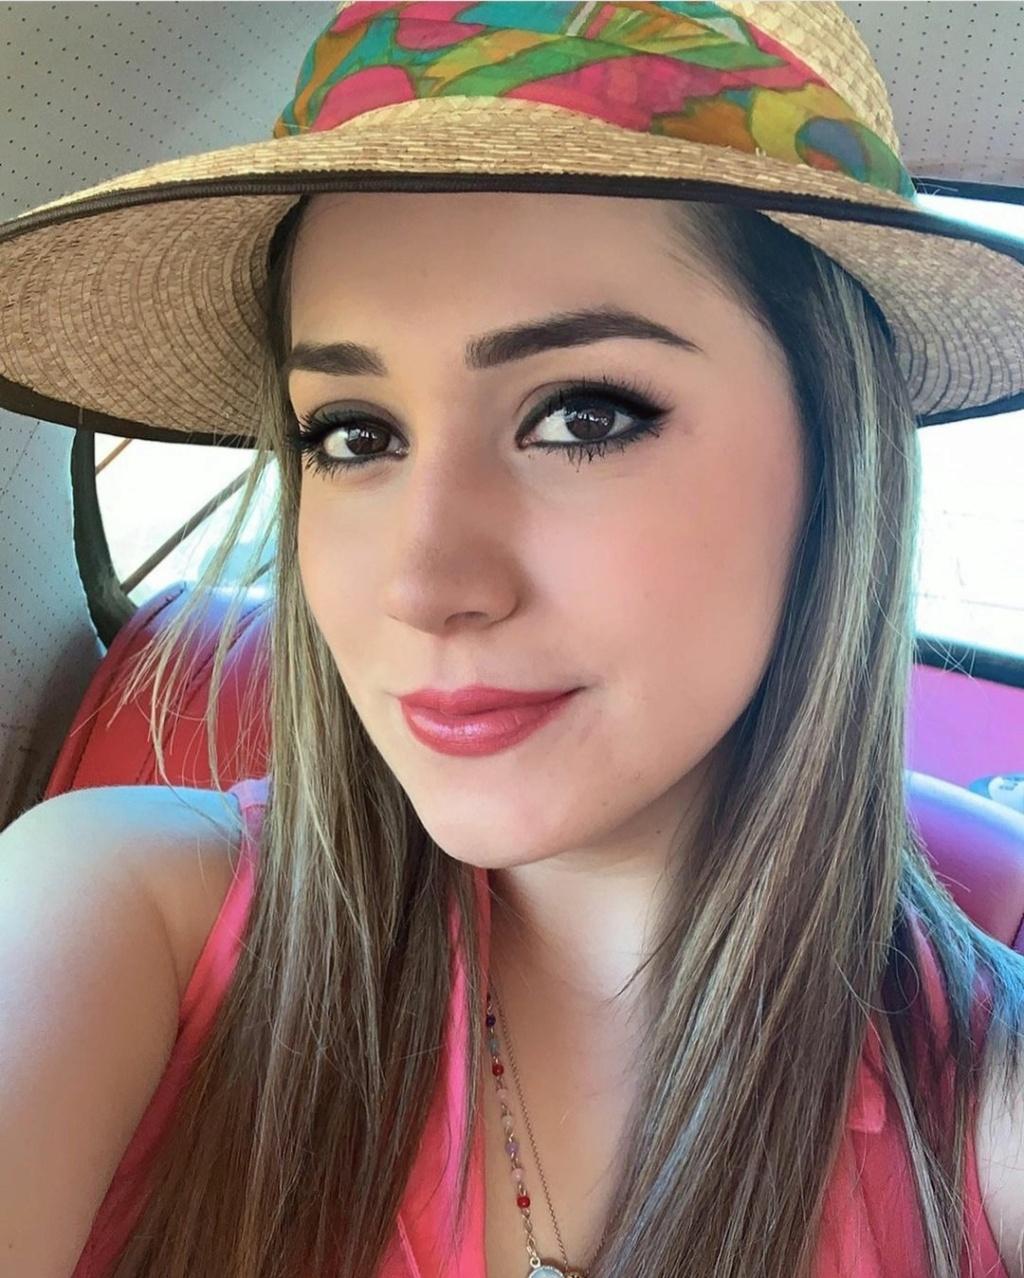 DEBATE sobre belleza, guapura y hermosura (fotos de chicas latinas, mestizas, y de todo) - VOL II - Página 12 Img_1593